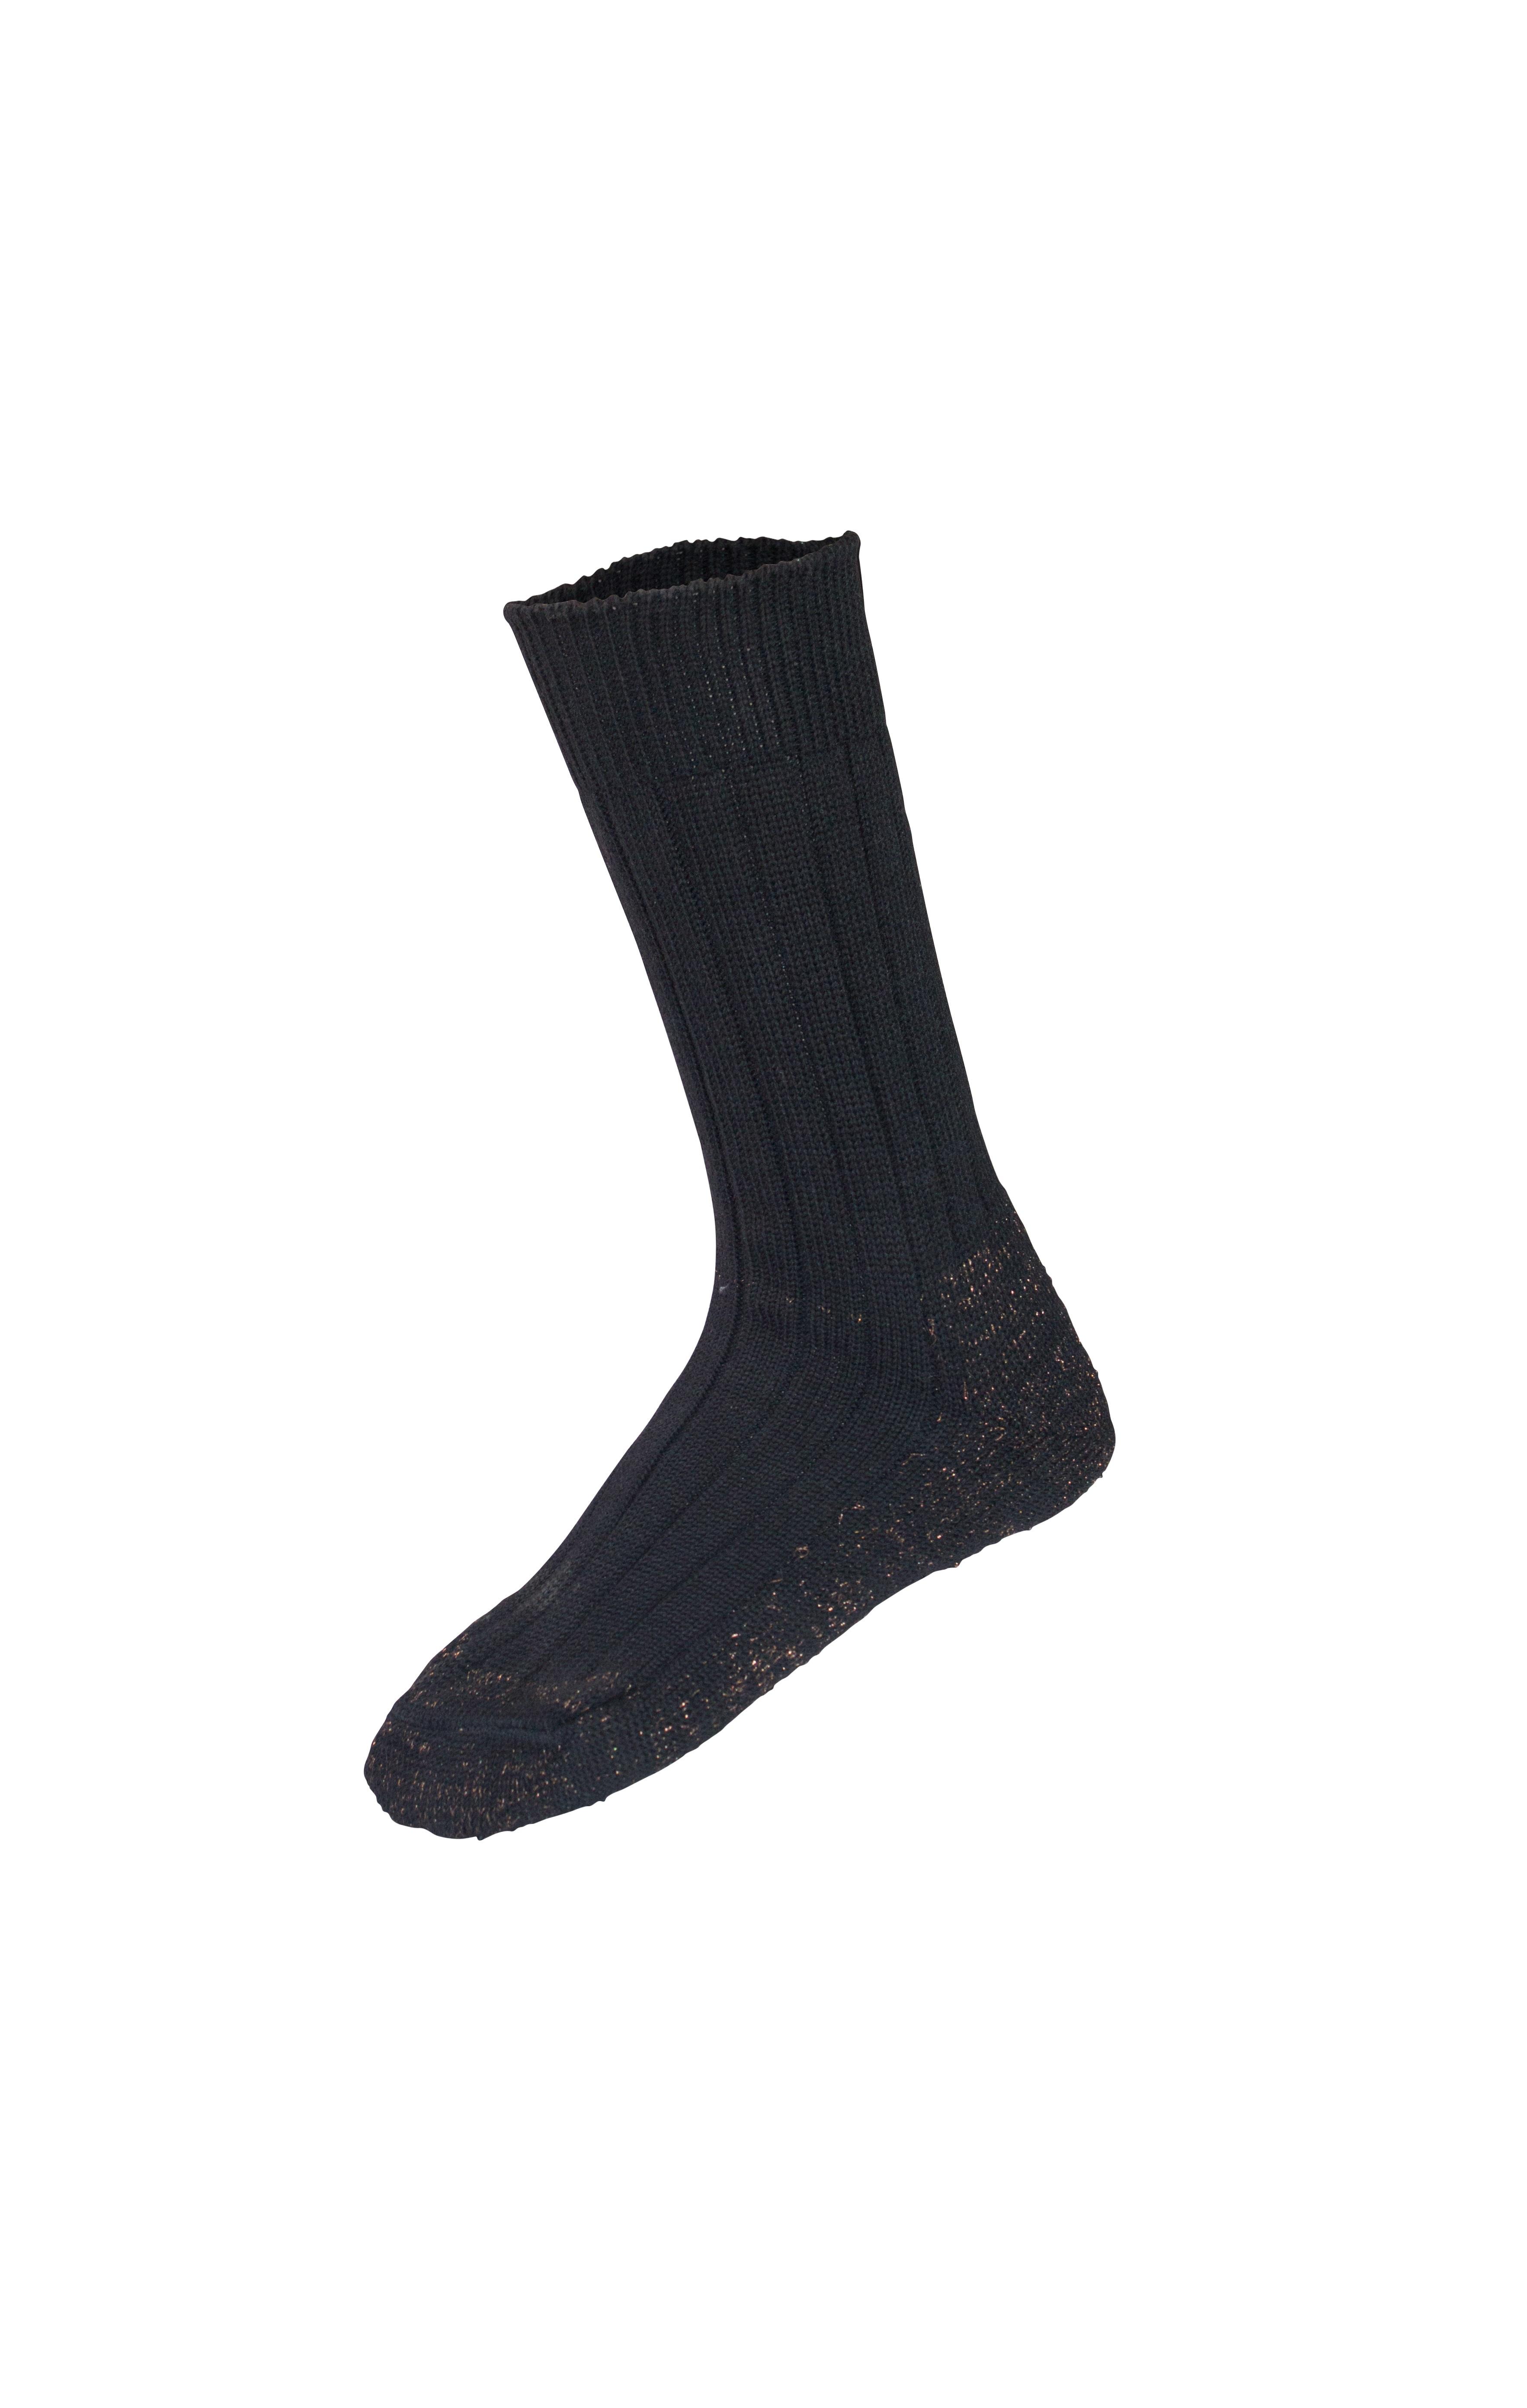 Merino-Kupfer Socken